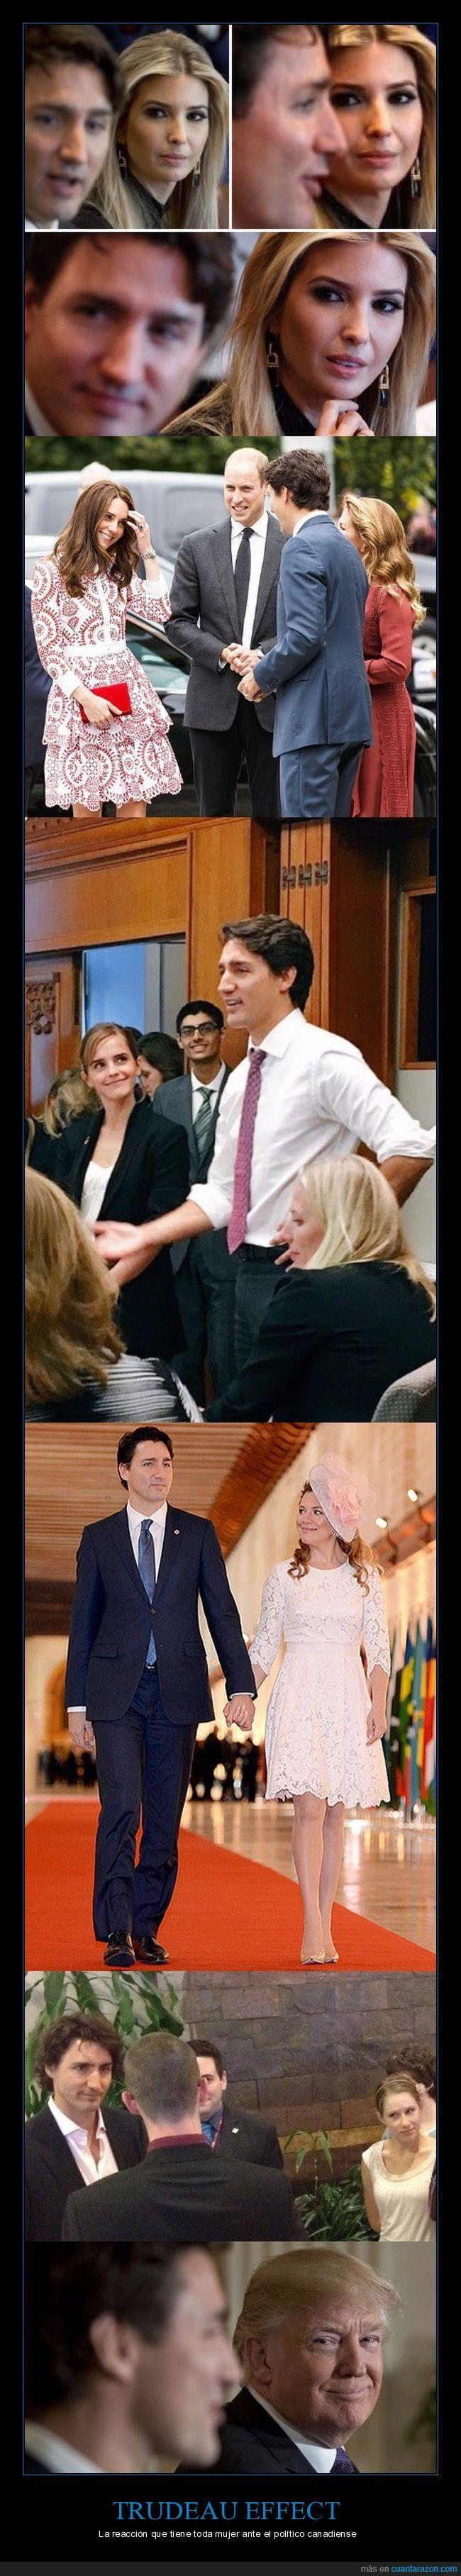 Todas las mujeres que han caído rendidas ante el primer ministro de Canadá - La reacción que tiene toda mujer ante el político canadiense   Gracias a http://www.cuantarazon.com/   Si quieres leer la noticia completa visita: http://www.skylight-imagen.com/todas-las-mujeres-que-han-caido-rendidas-ante-el-primer-ministro-de-canada-la-reaccion-que-tiene-toda-mujer-ante-el-politico-canadiense/